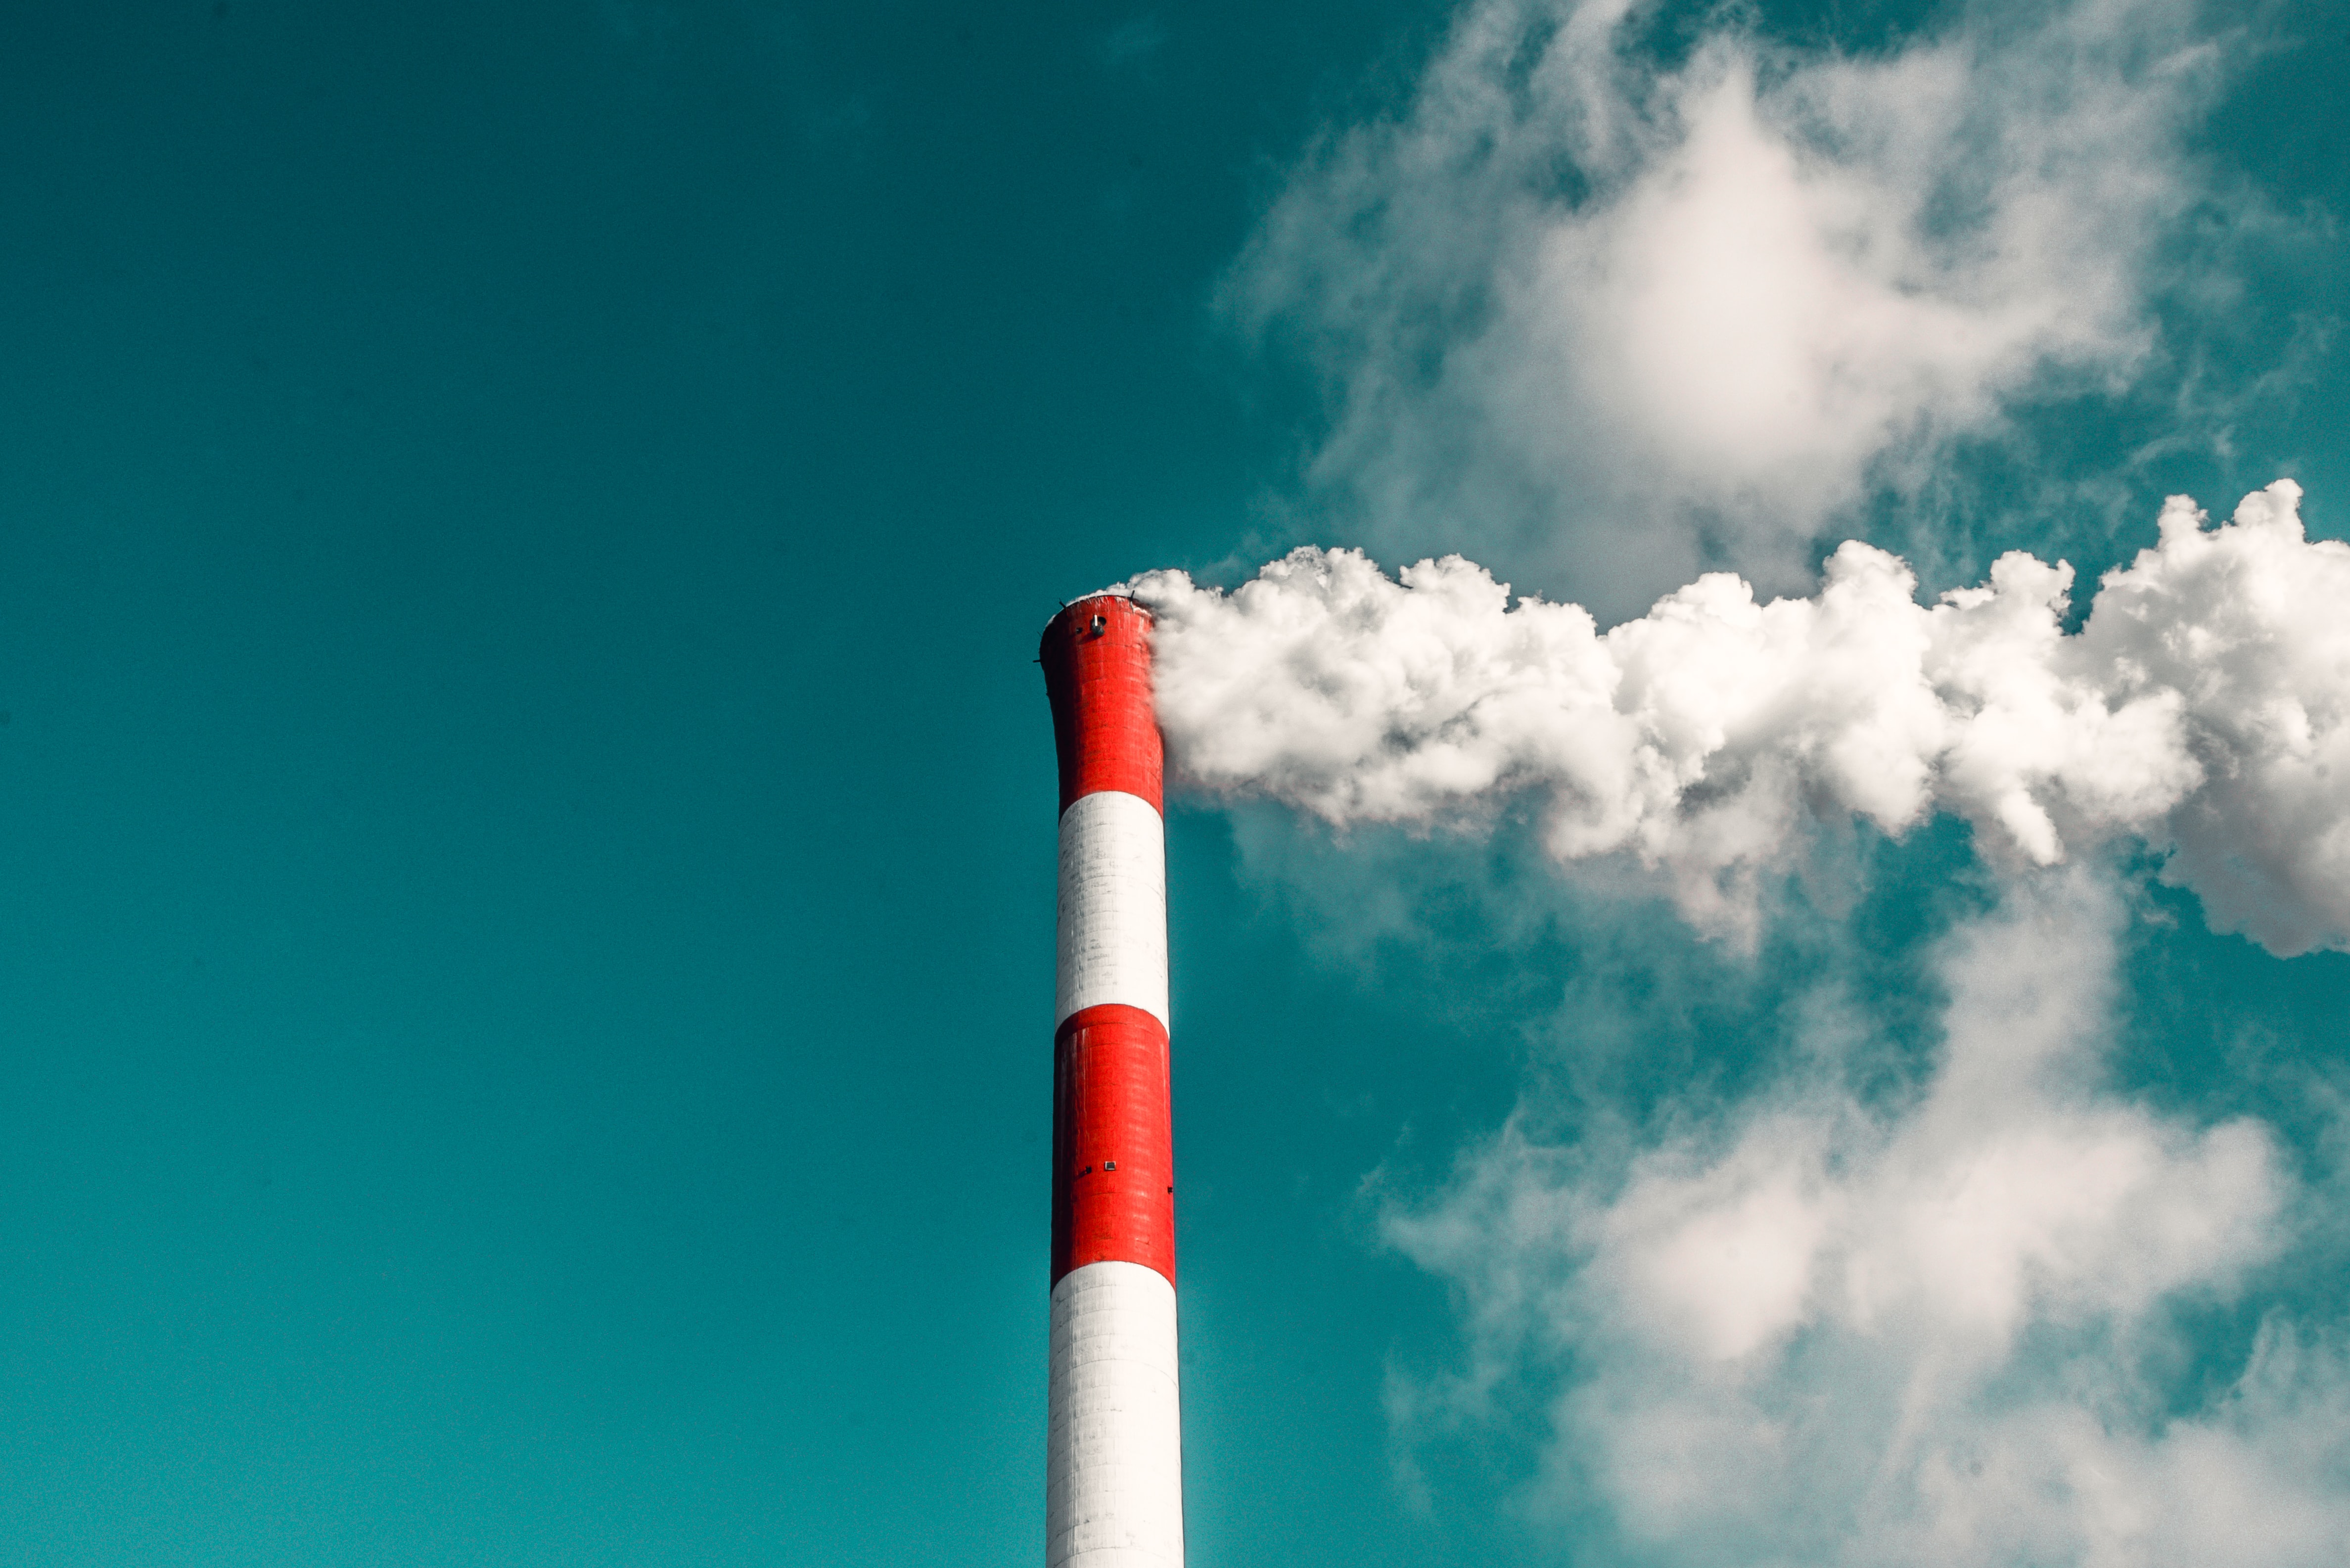 Enmienda de Kigali para proteger la capa de ozono alcanza la ratificación de 100 países